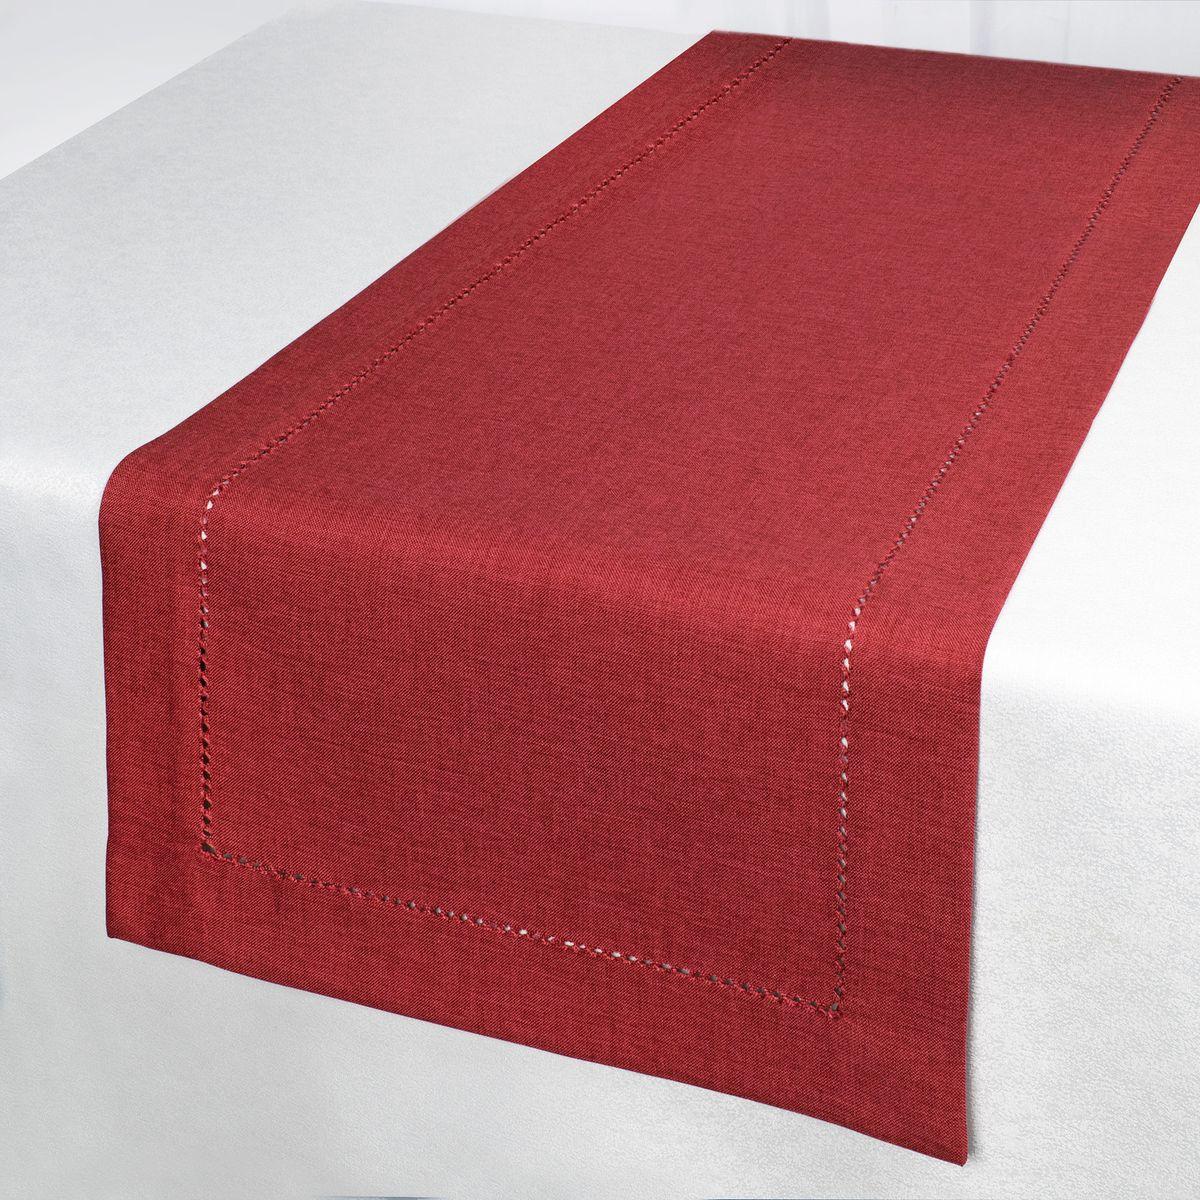 Дорожка для декорирования стола Schaefer, 40 x 140 см, цвет: красный. 07601-21107601-211Дорожка для декорирования стола Schaefer может быть использована, как основной элемент,так и дополнение для создания уюта и романтического настроения.Дорожка выполнена из полиэстера. Изделие легко стирать: оно не мнется, не садится и быстросохнет, более долговечно, чем изделие из натуральных волокон.Материал: 100% полиэстер.Размер: 40 x 140 см.